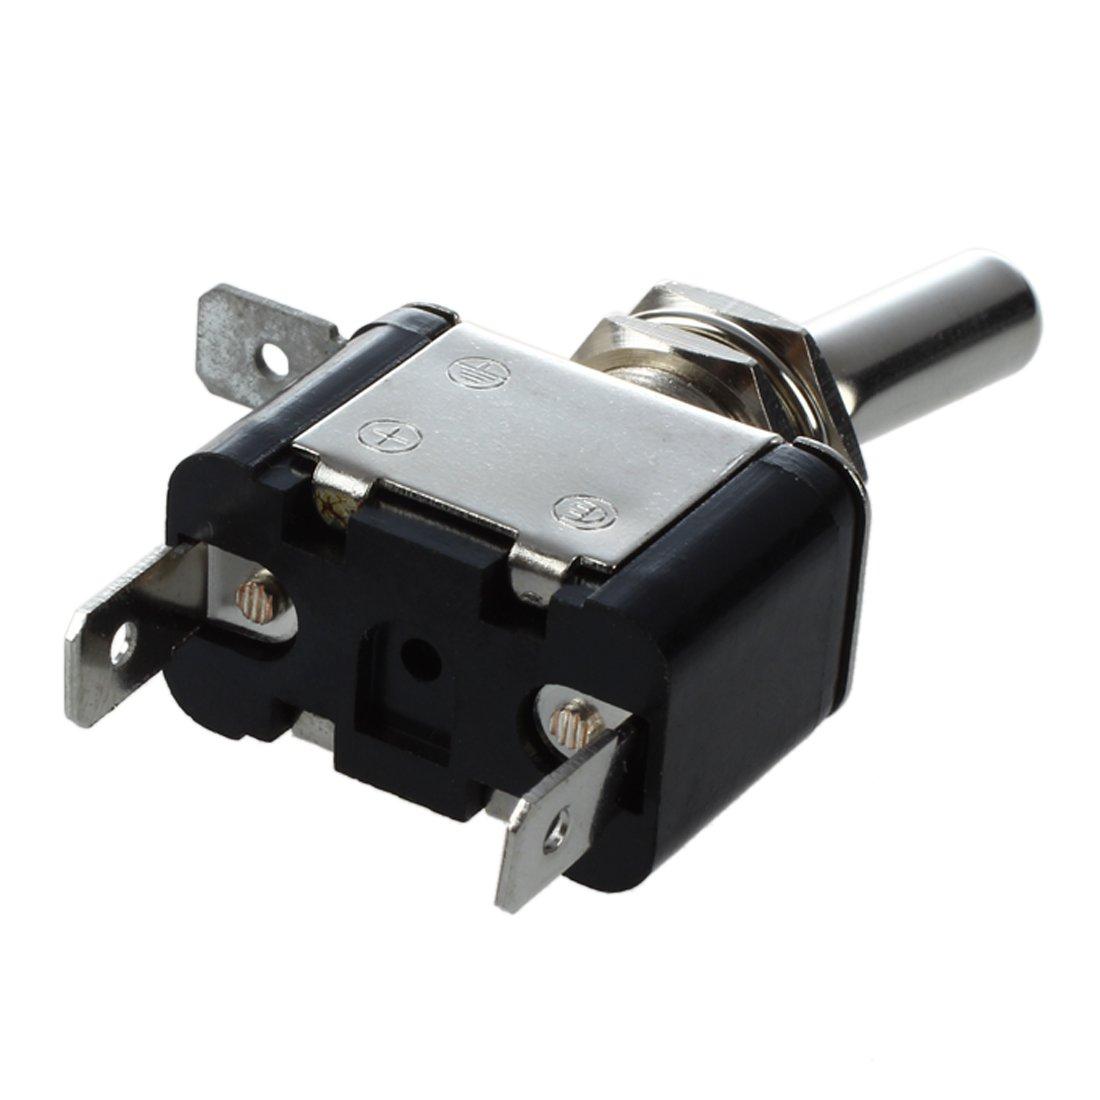 SODIAL (R)12V Interrupteur Inverseur a Bascule Levier Avec LED ON-OFF SPST Auto Voiture product image